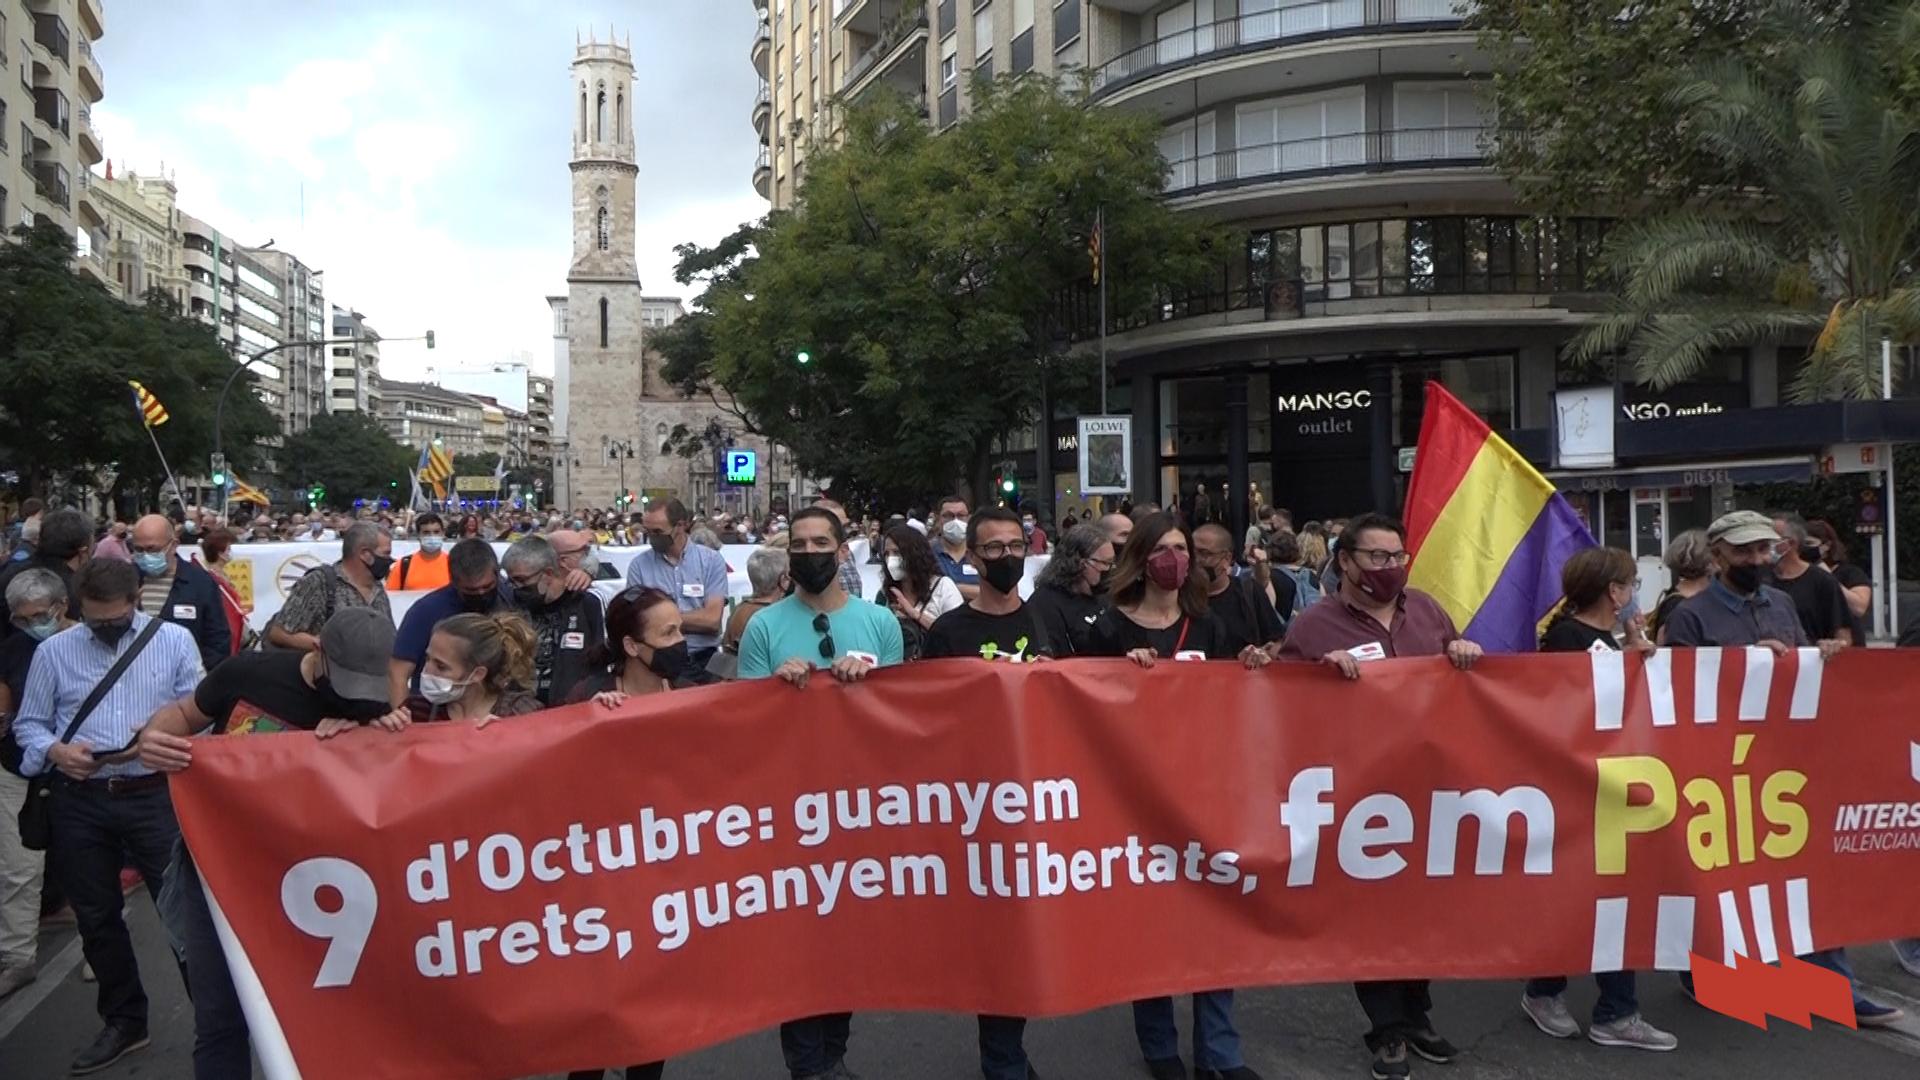 'Guanyem drets, guanyem llibertats, fem país' - Manifestació 9 d'octubre 2021